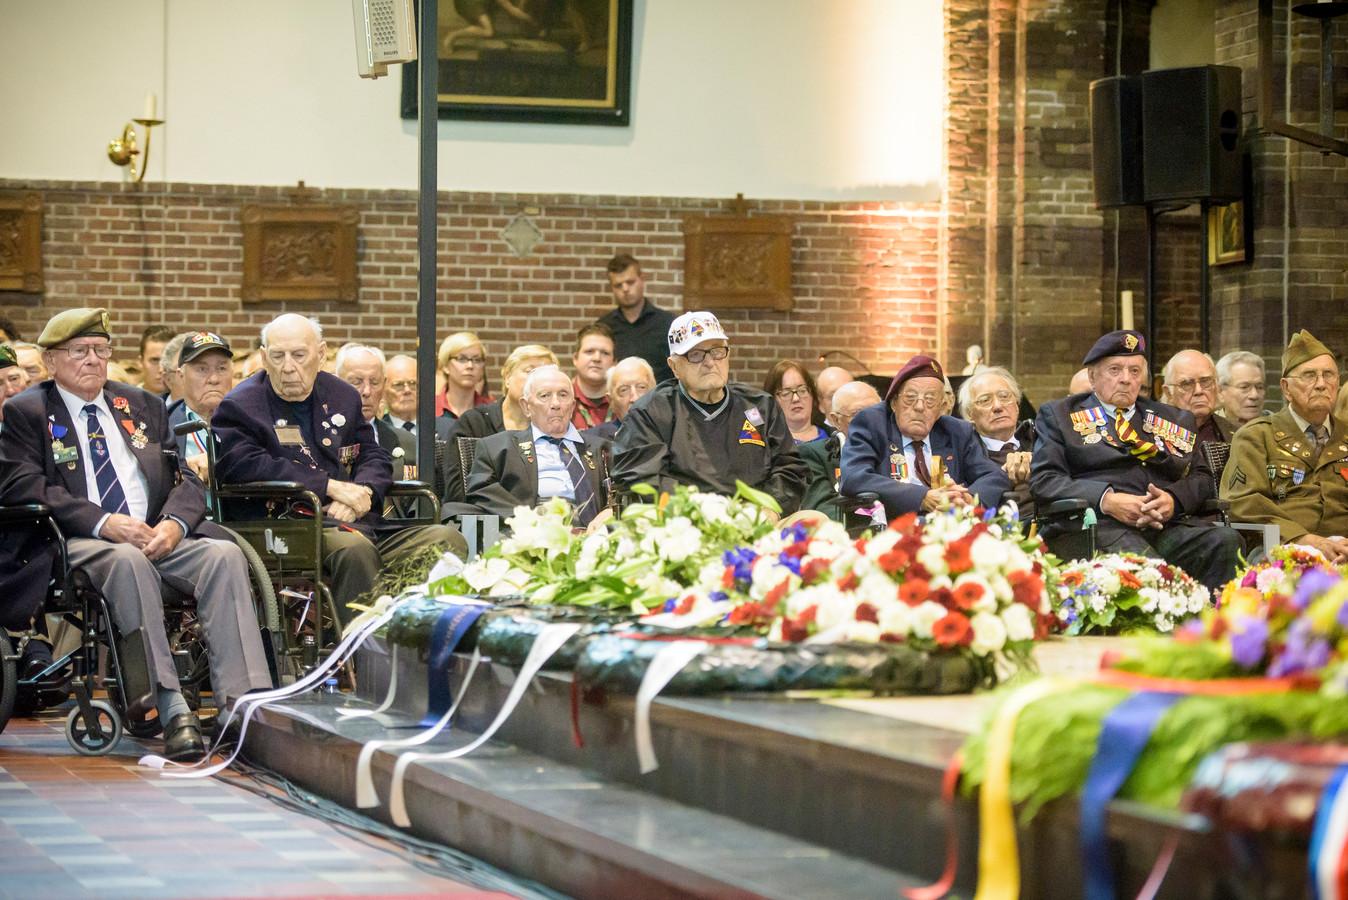 De herdenking van de Brabantse gesneuvelden in 2017.